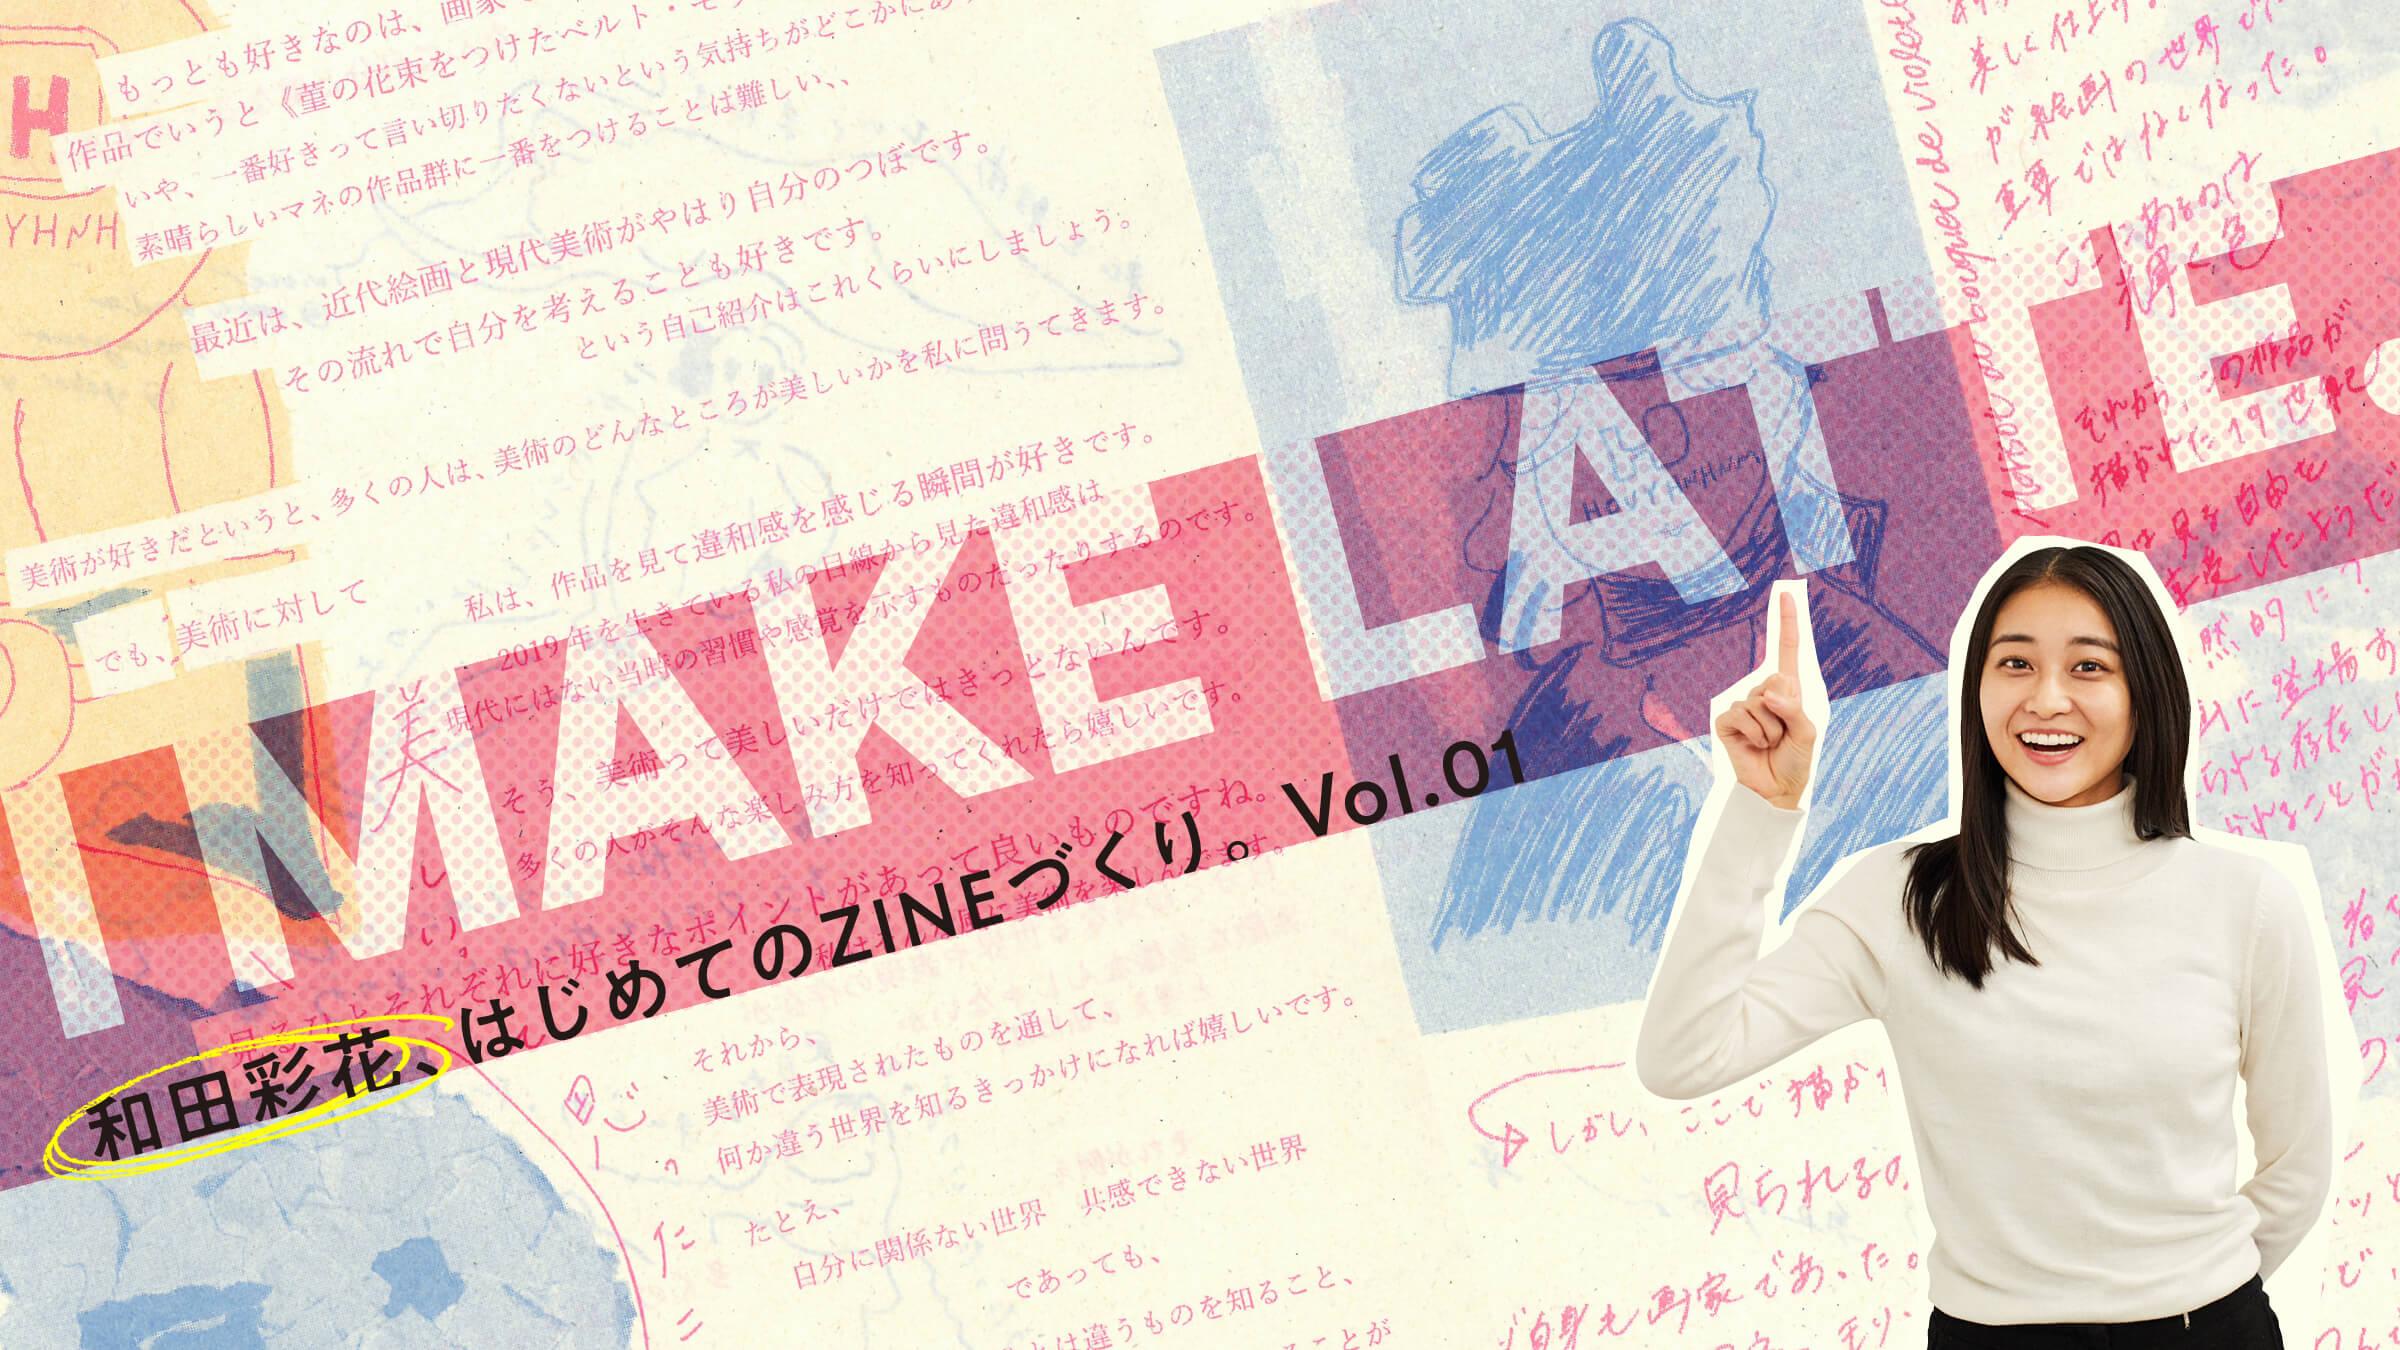 和田彩花、はじめてのZINEづくり。Vol.01